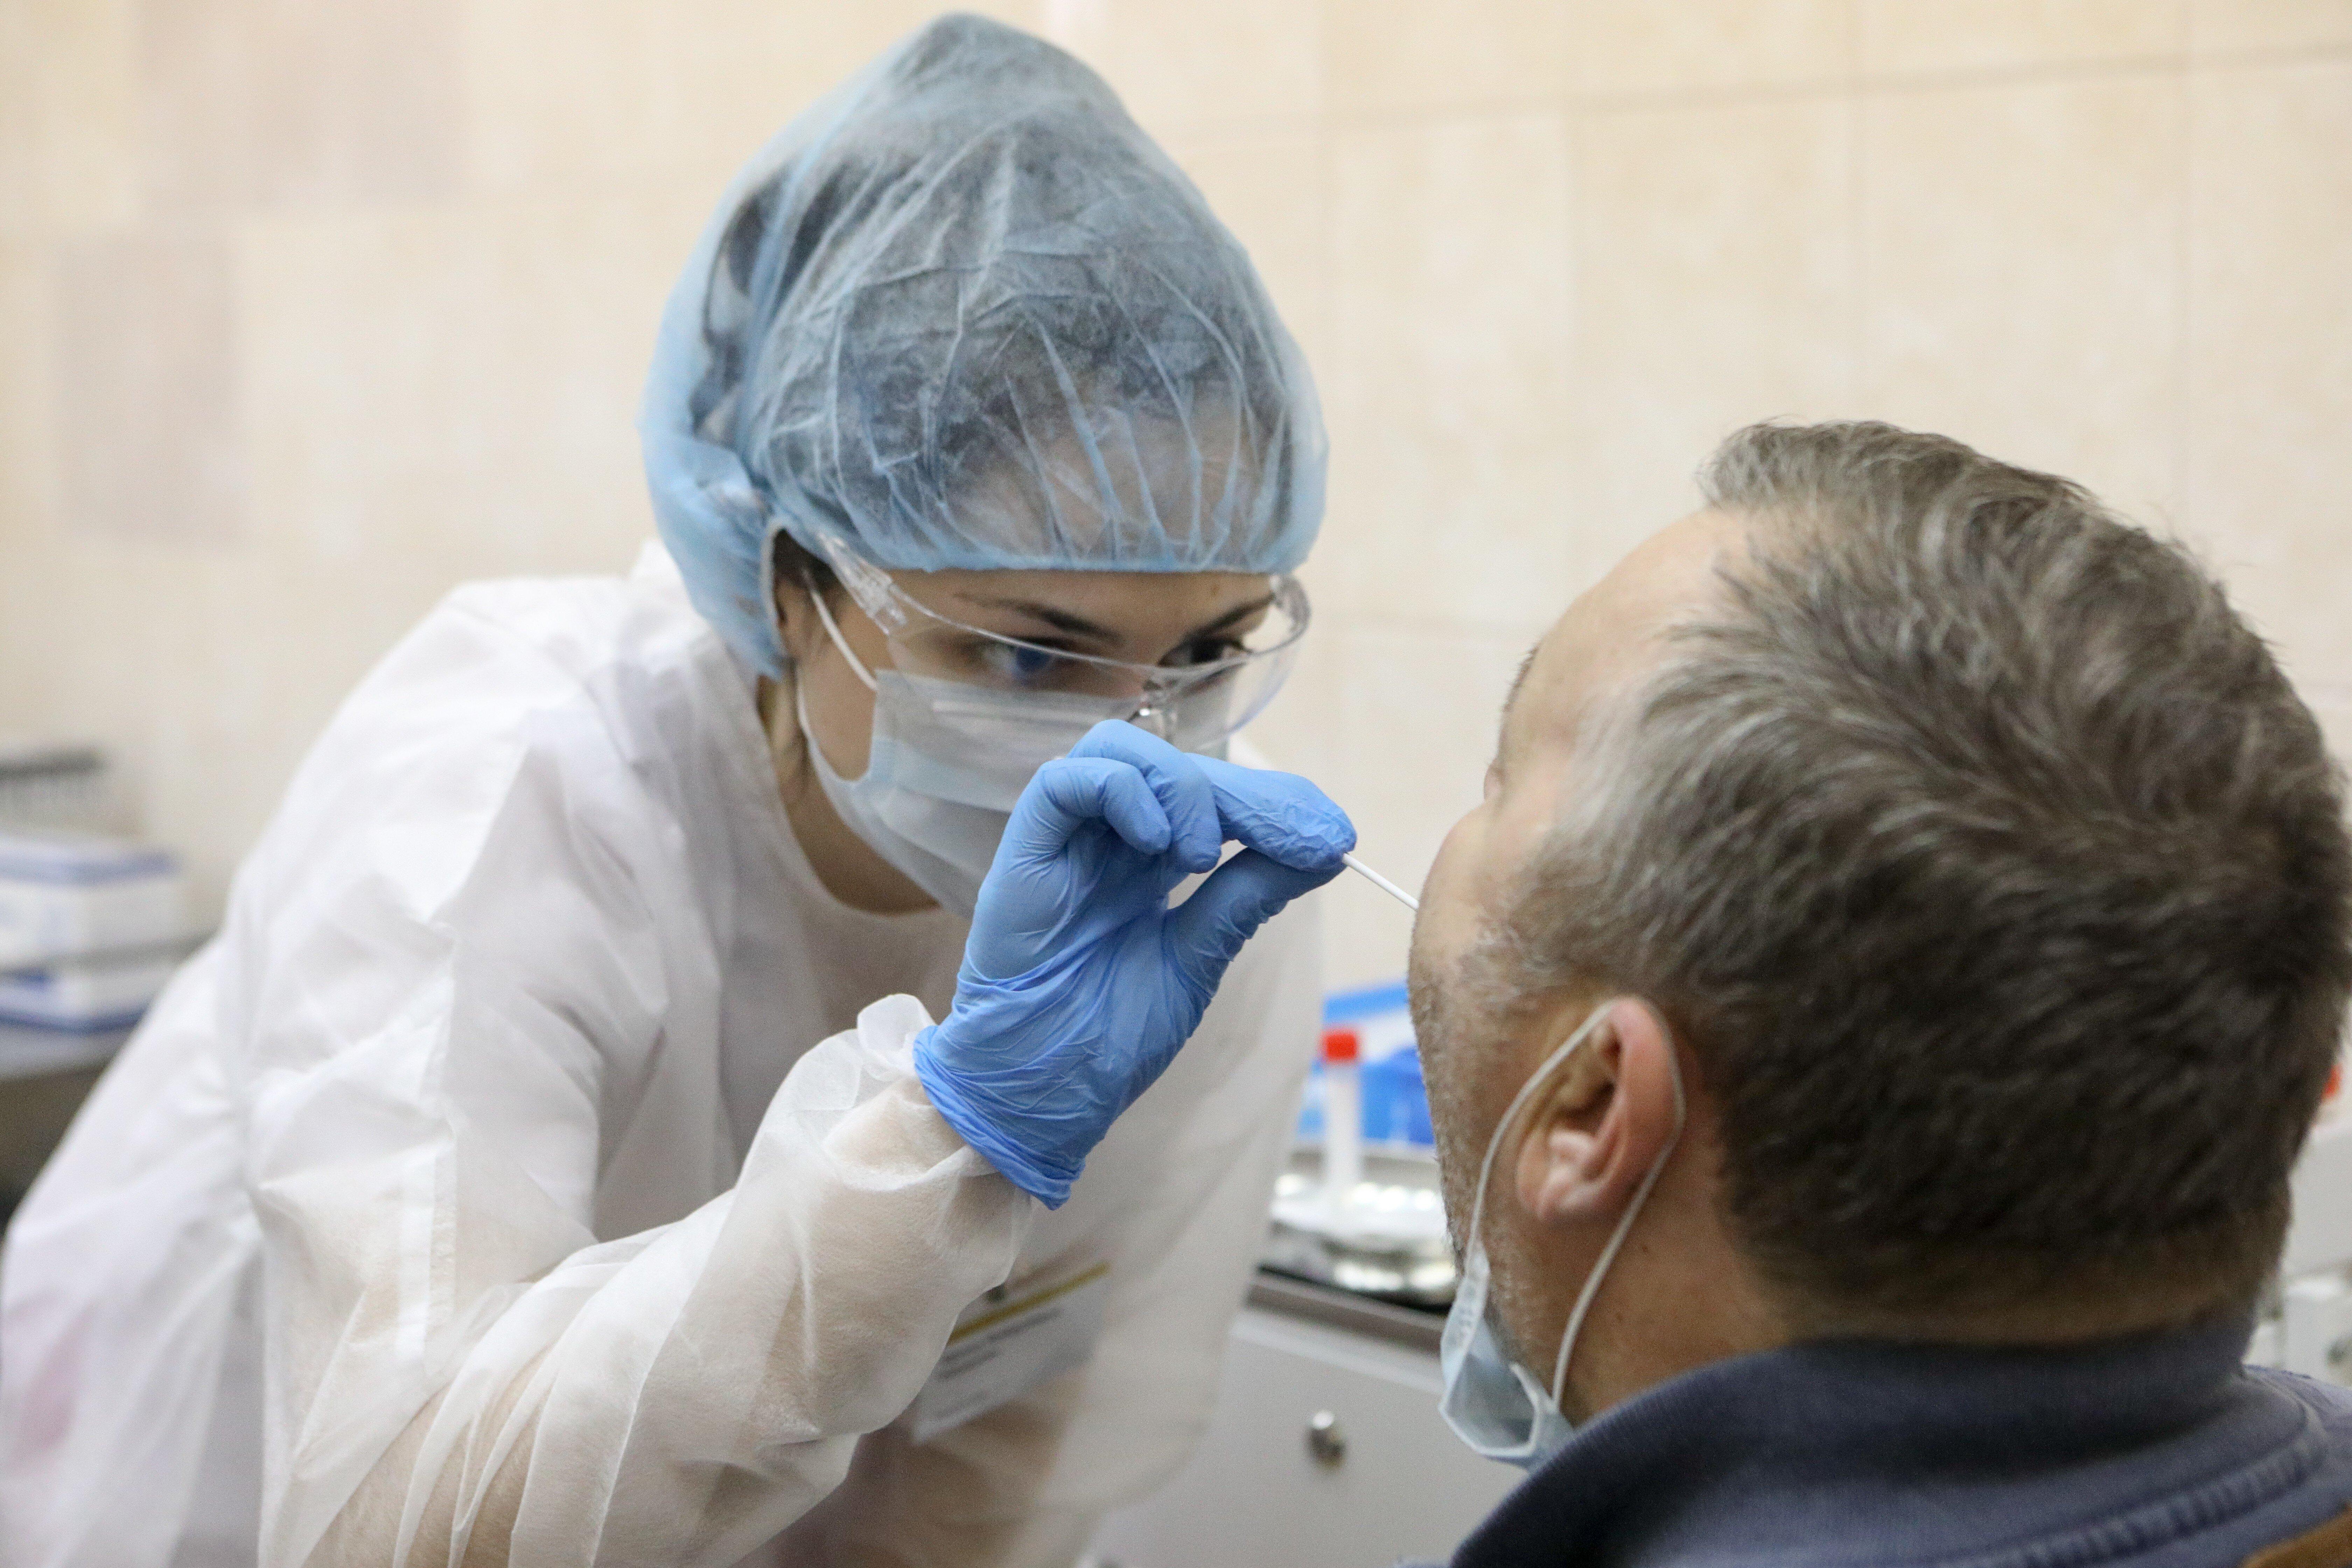 Песков отреагировал на двукратный рост заболеваемости коронавирусом в Крыму